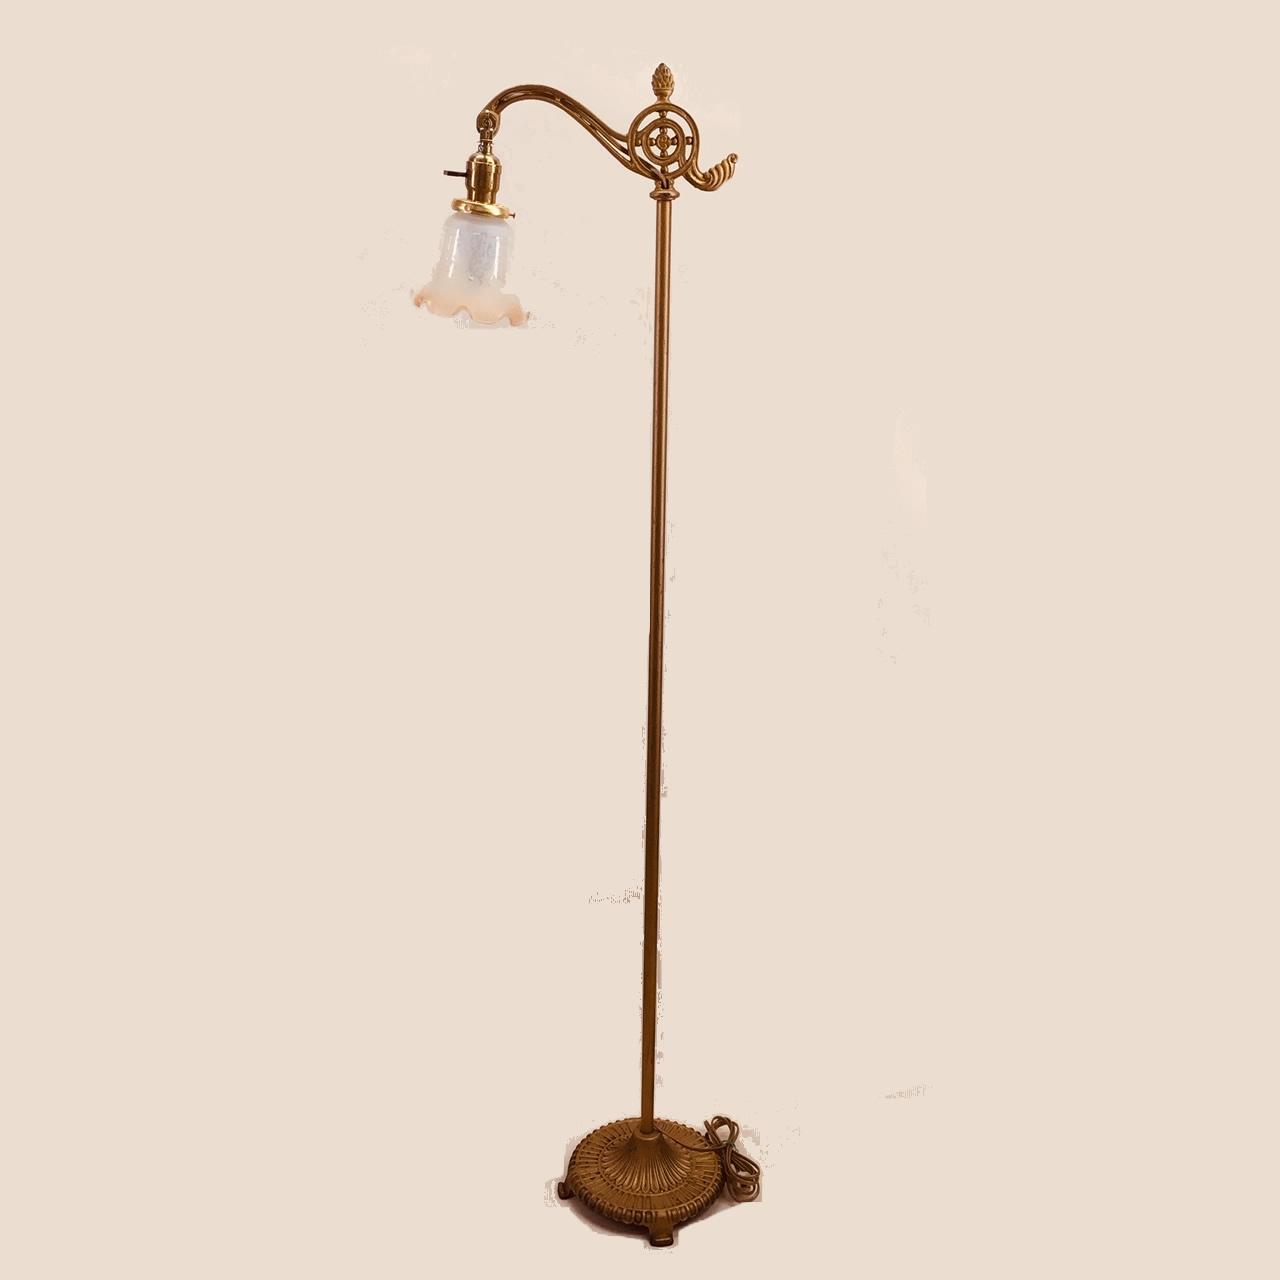 Cast Iron Bridge Arm Floor Lamp With